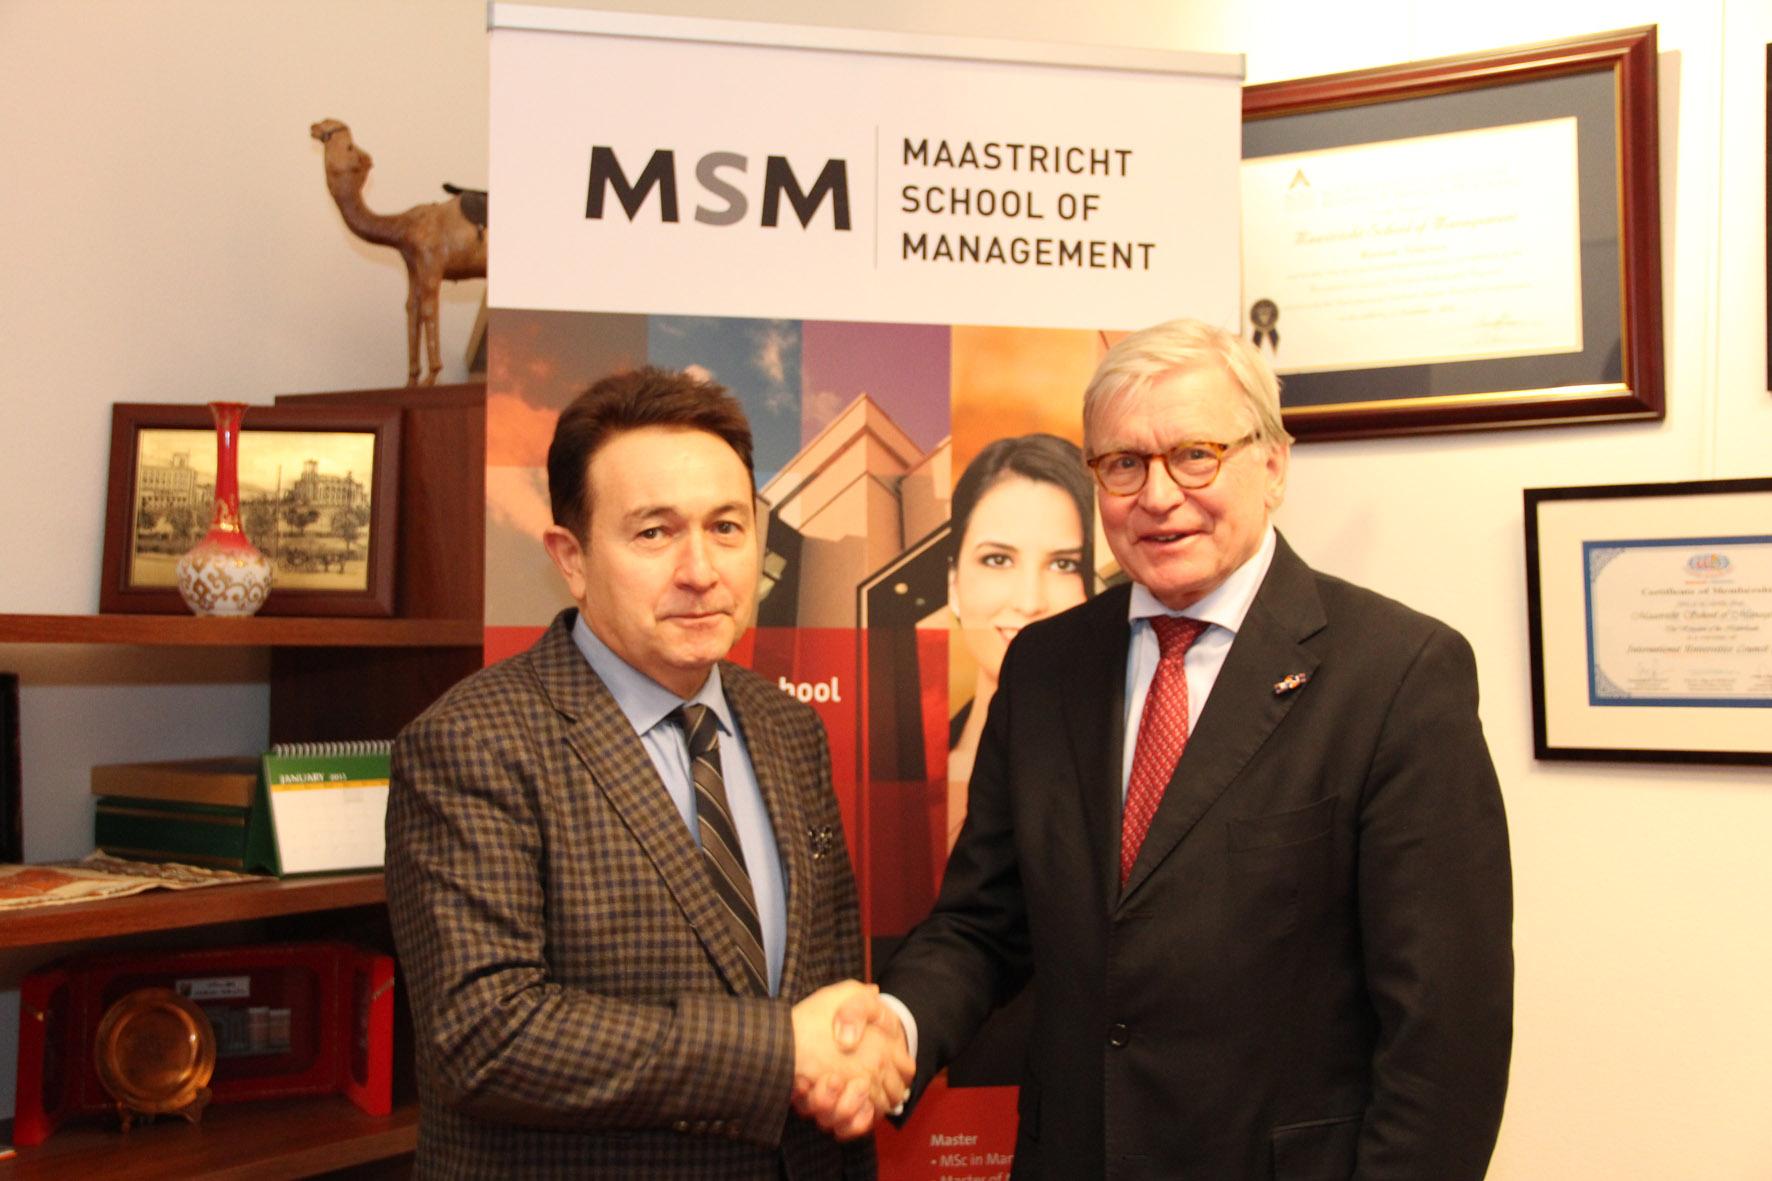 AGÜ ile Hollanda Maastricht Yönetim Bilimleri Okulu Arasında İşbirliği Anlaşması...